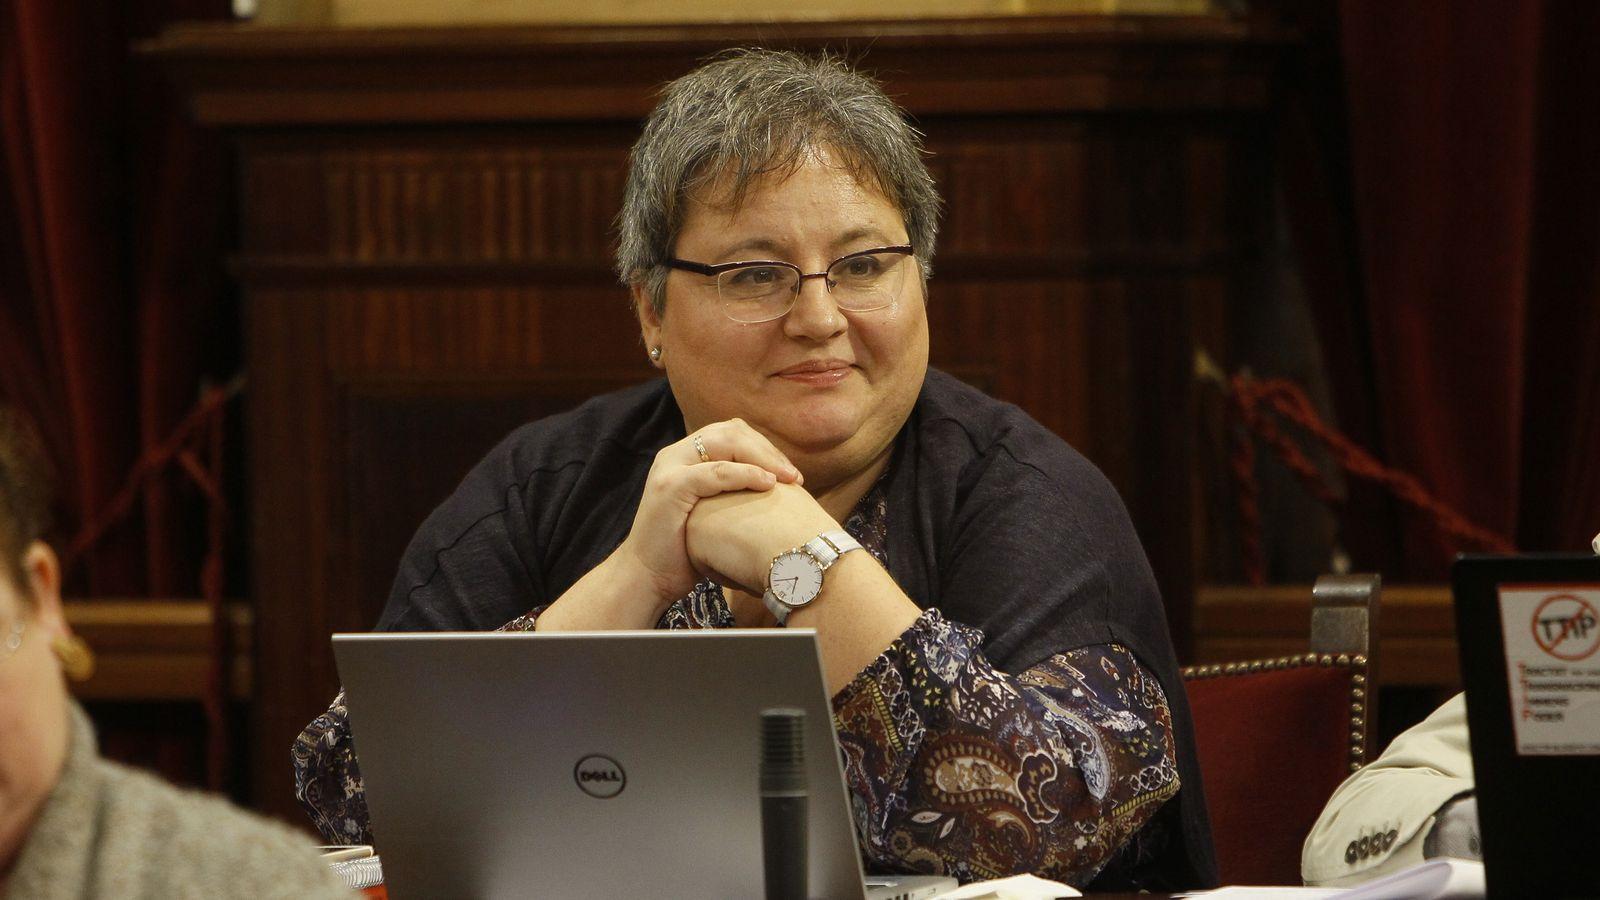 La diputada de Podem, Montse Seijas, en imatge d'arxiu, al Parlament.